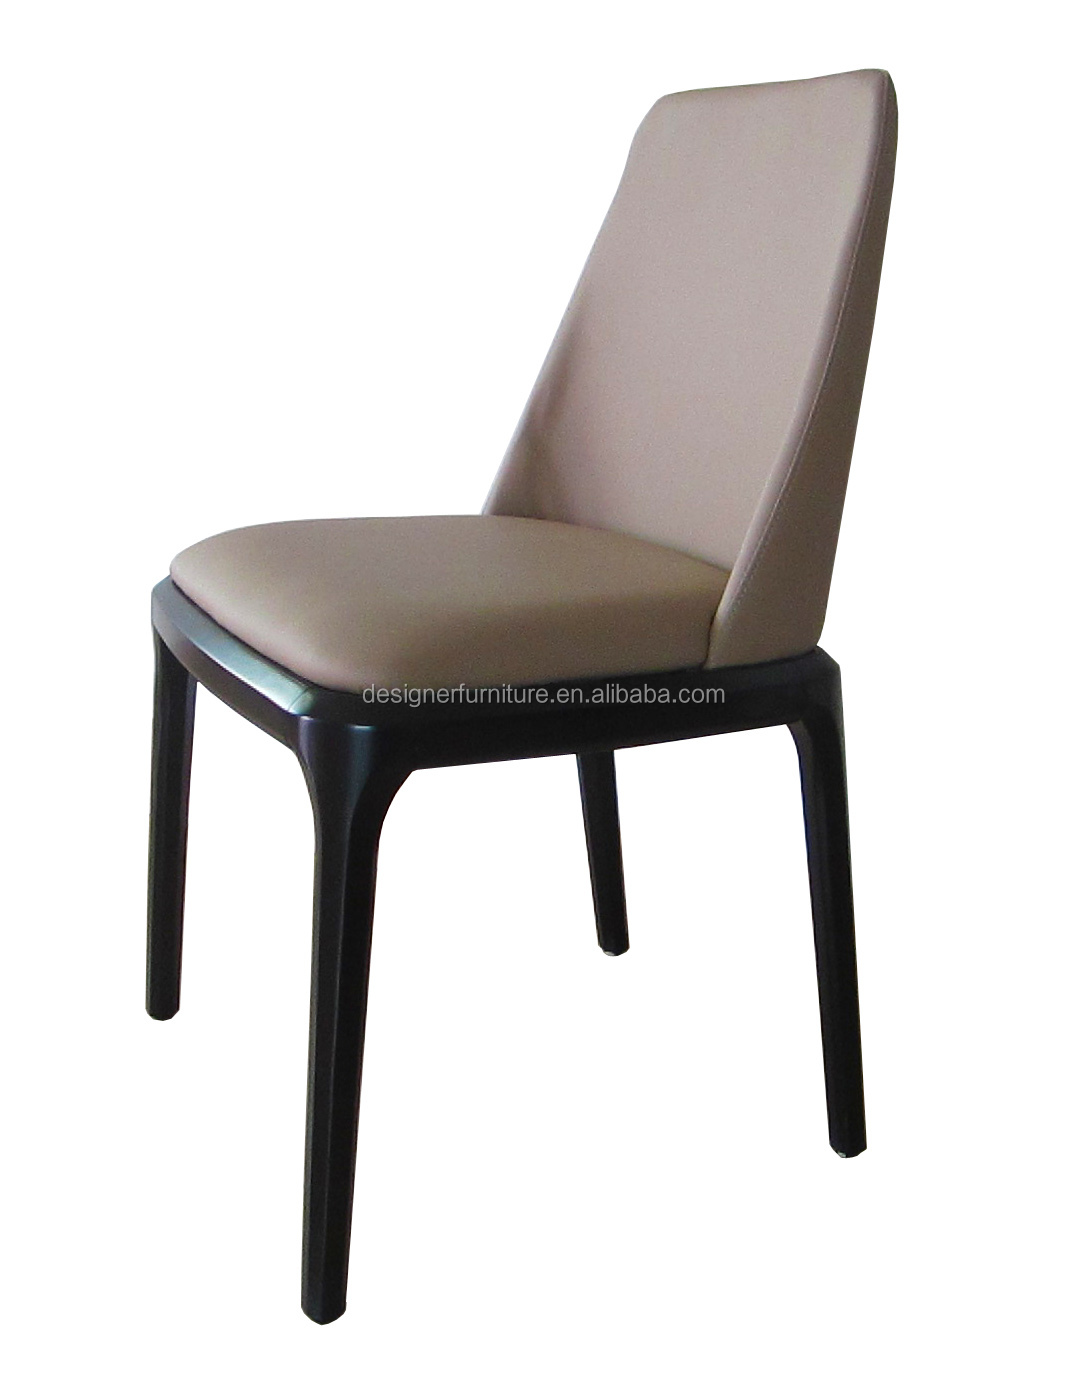 solide chaise salle manger en chine chaises en bois id de produit 500003232039. Black Bedroom Furniture Sets. Home Design Ideas